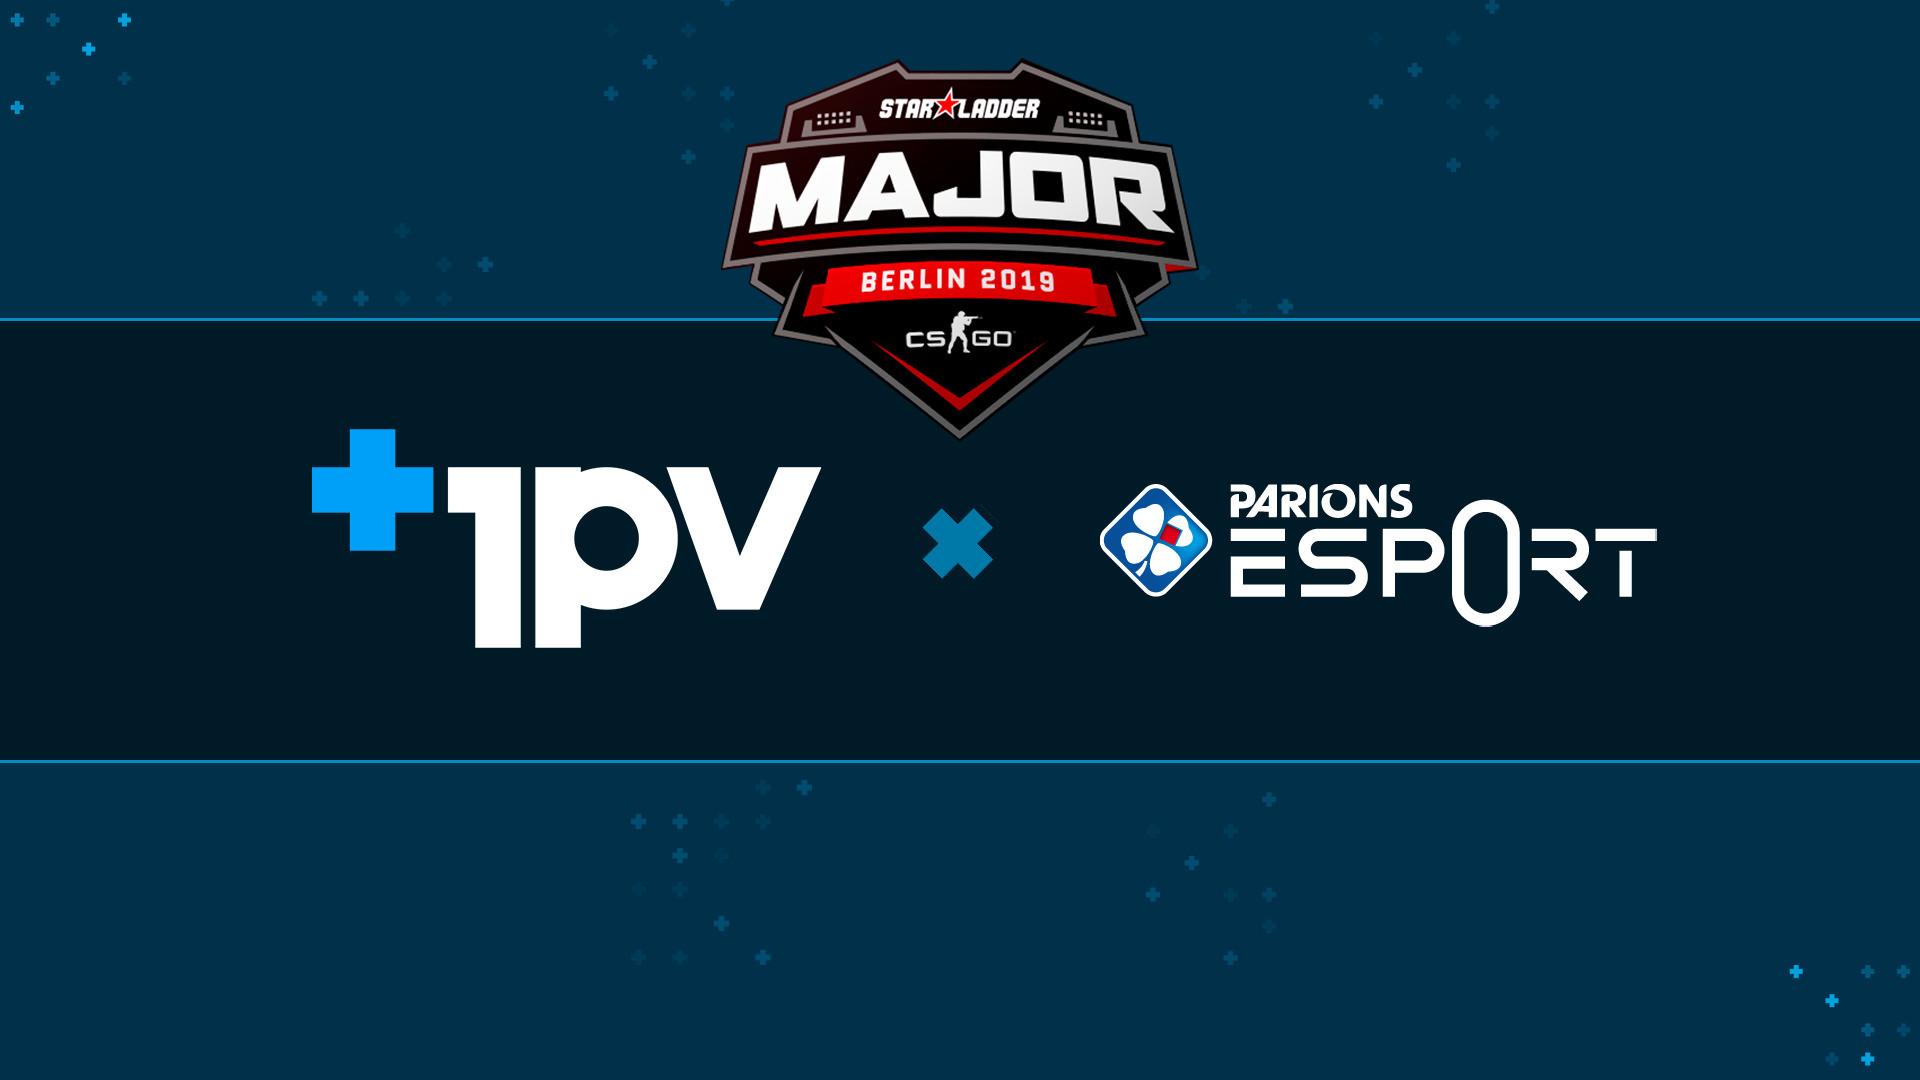 Parions Esport & 1pv, partenaires pour le Major !